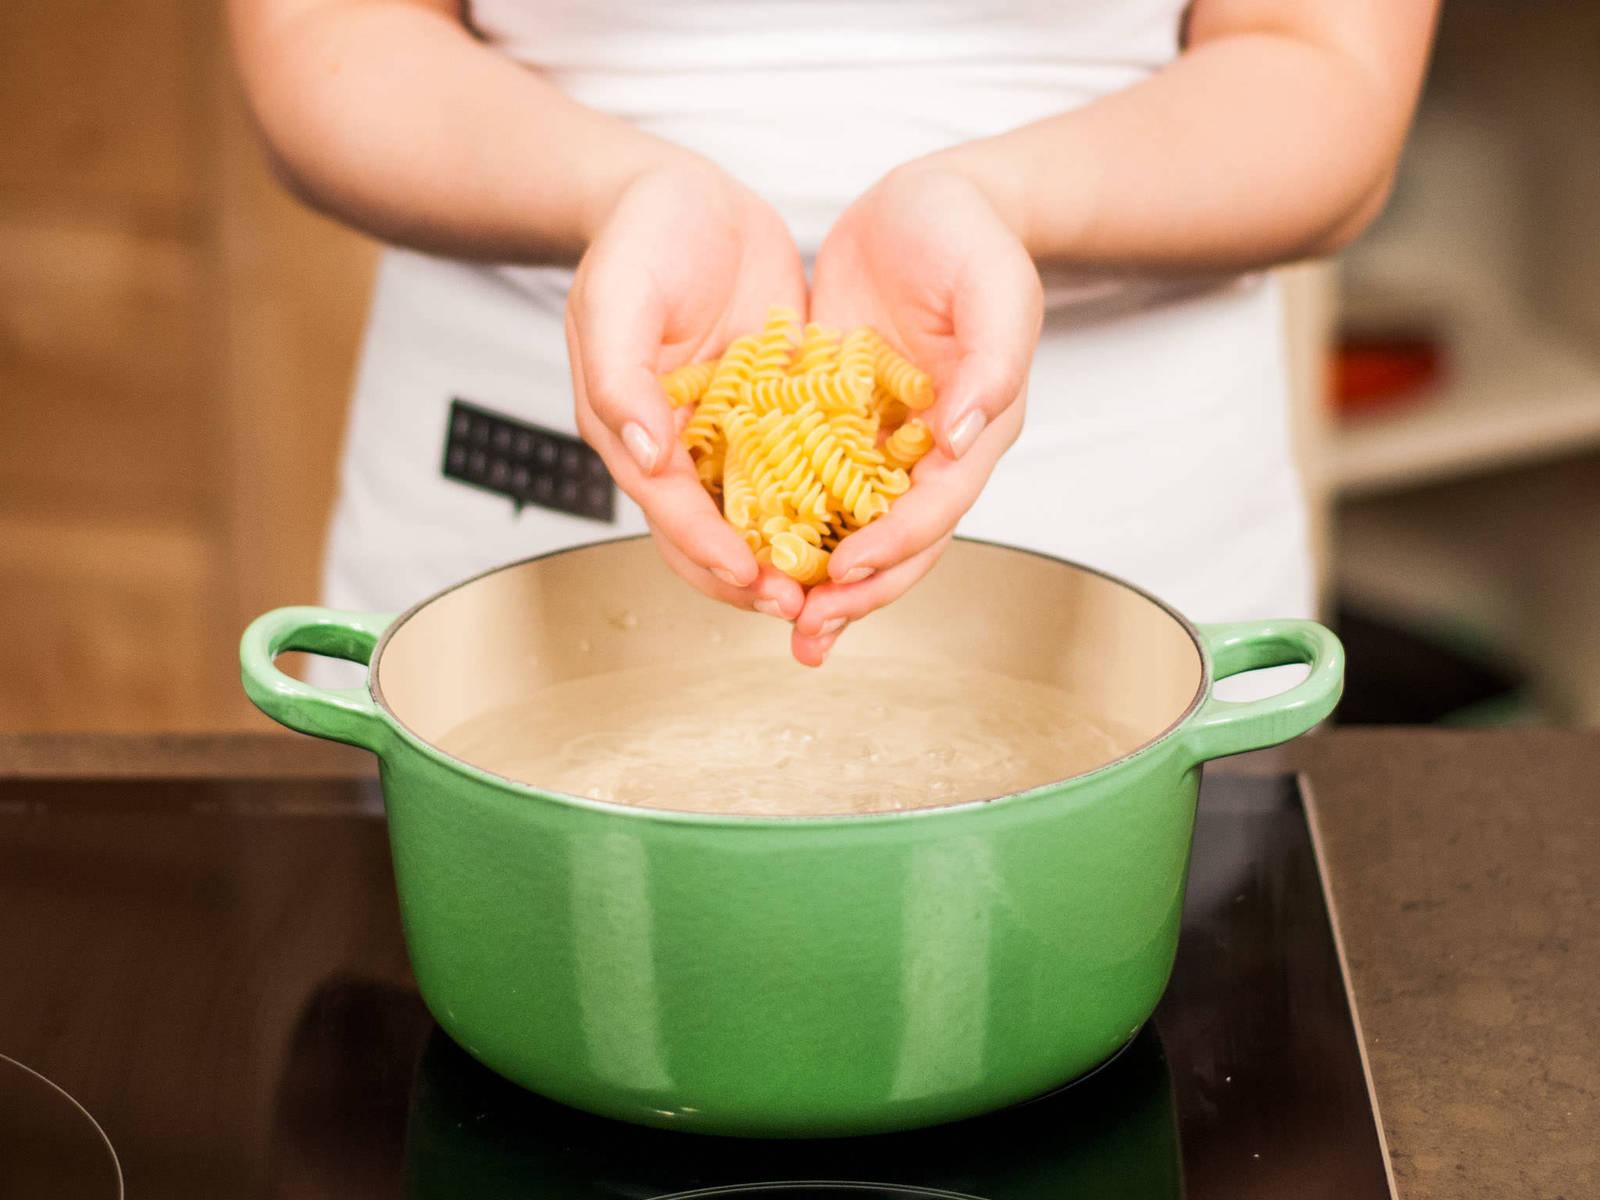 按照包装上的说明,将意大利面放入加少许盐的开水中煮10分钟左右,至有嚼劲。沥干水分,留一些煮面汤,备用。